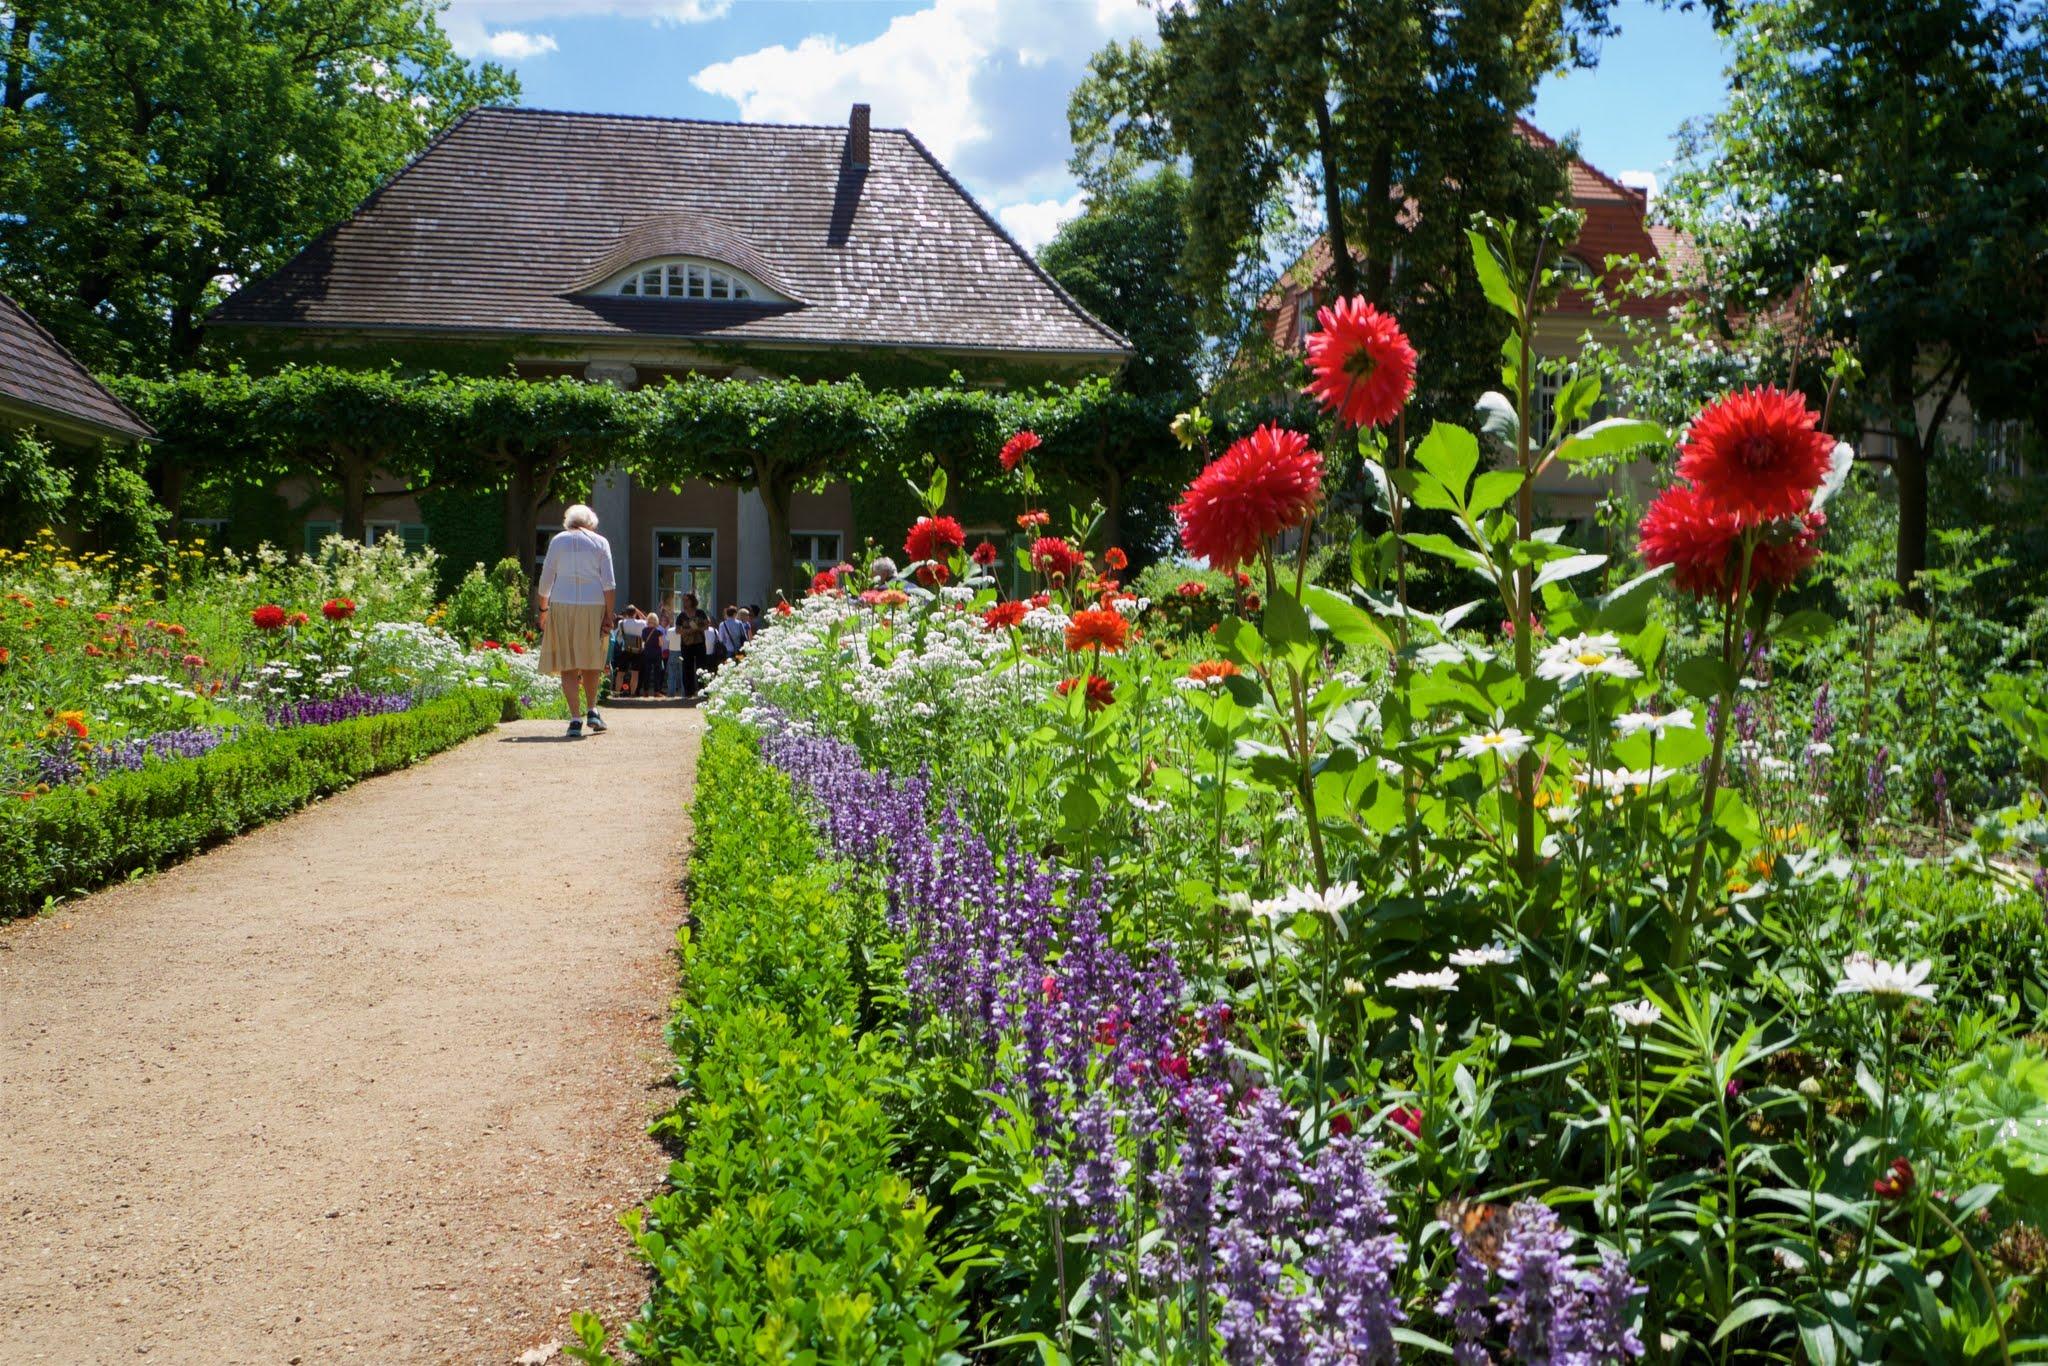 Le jardin de max liebermann berlin un art nouveau le for Le jardin zoologique de berlin